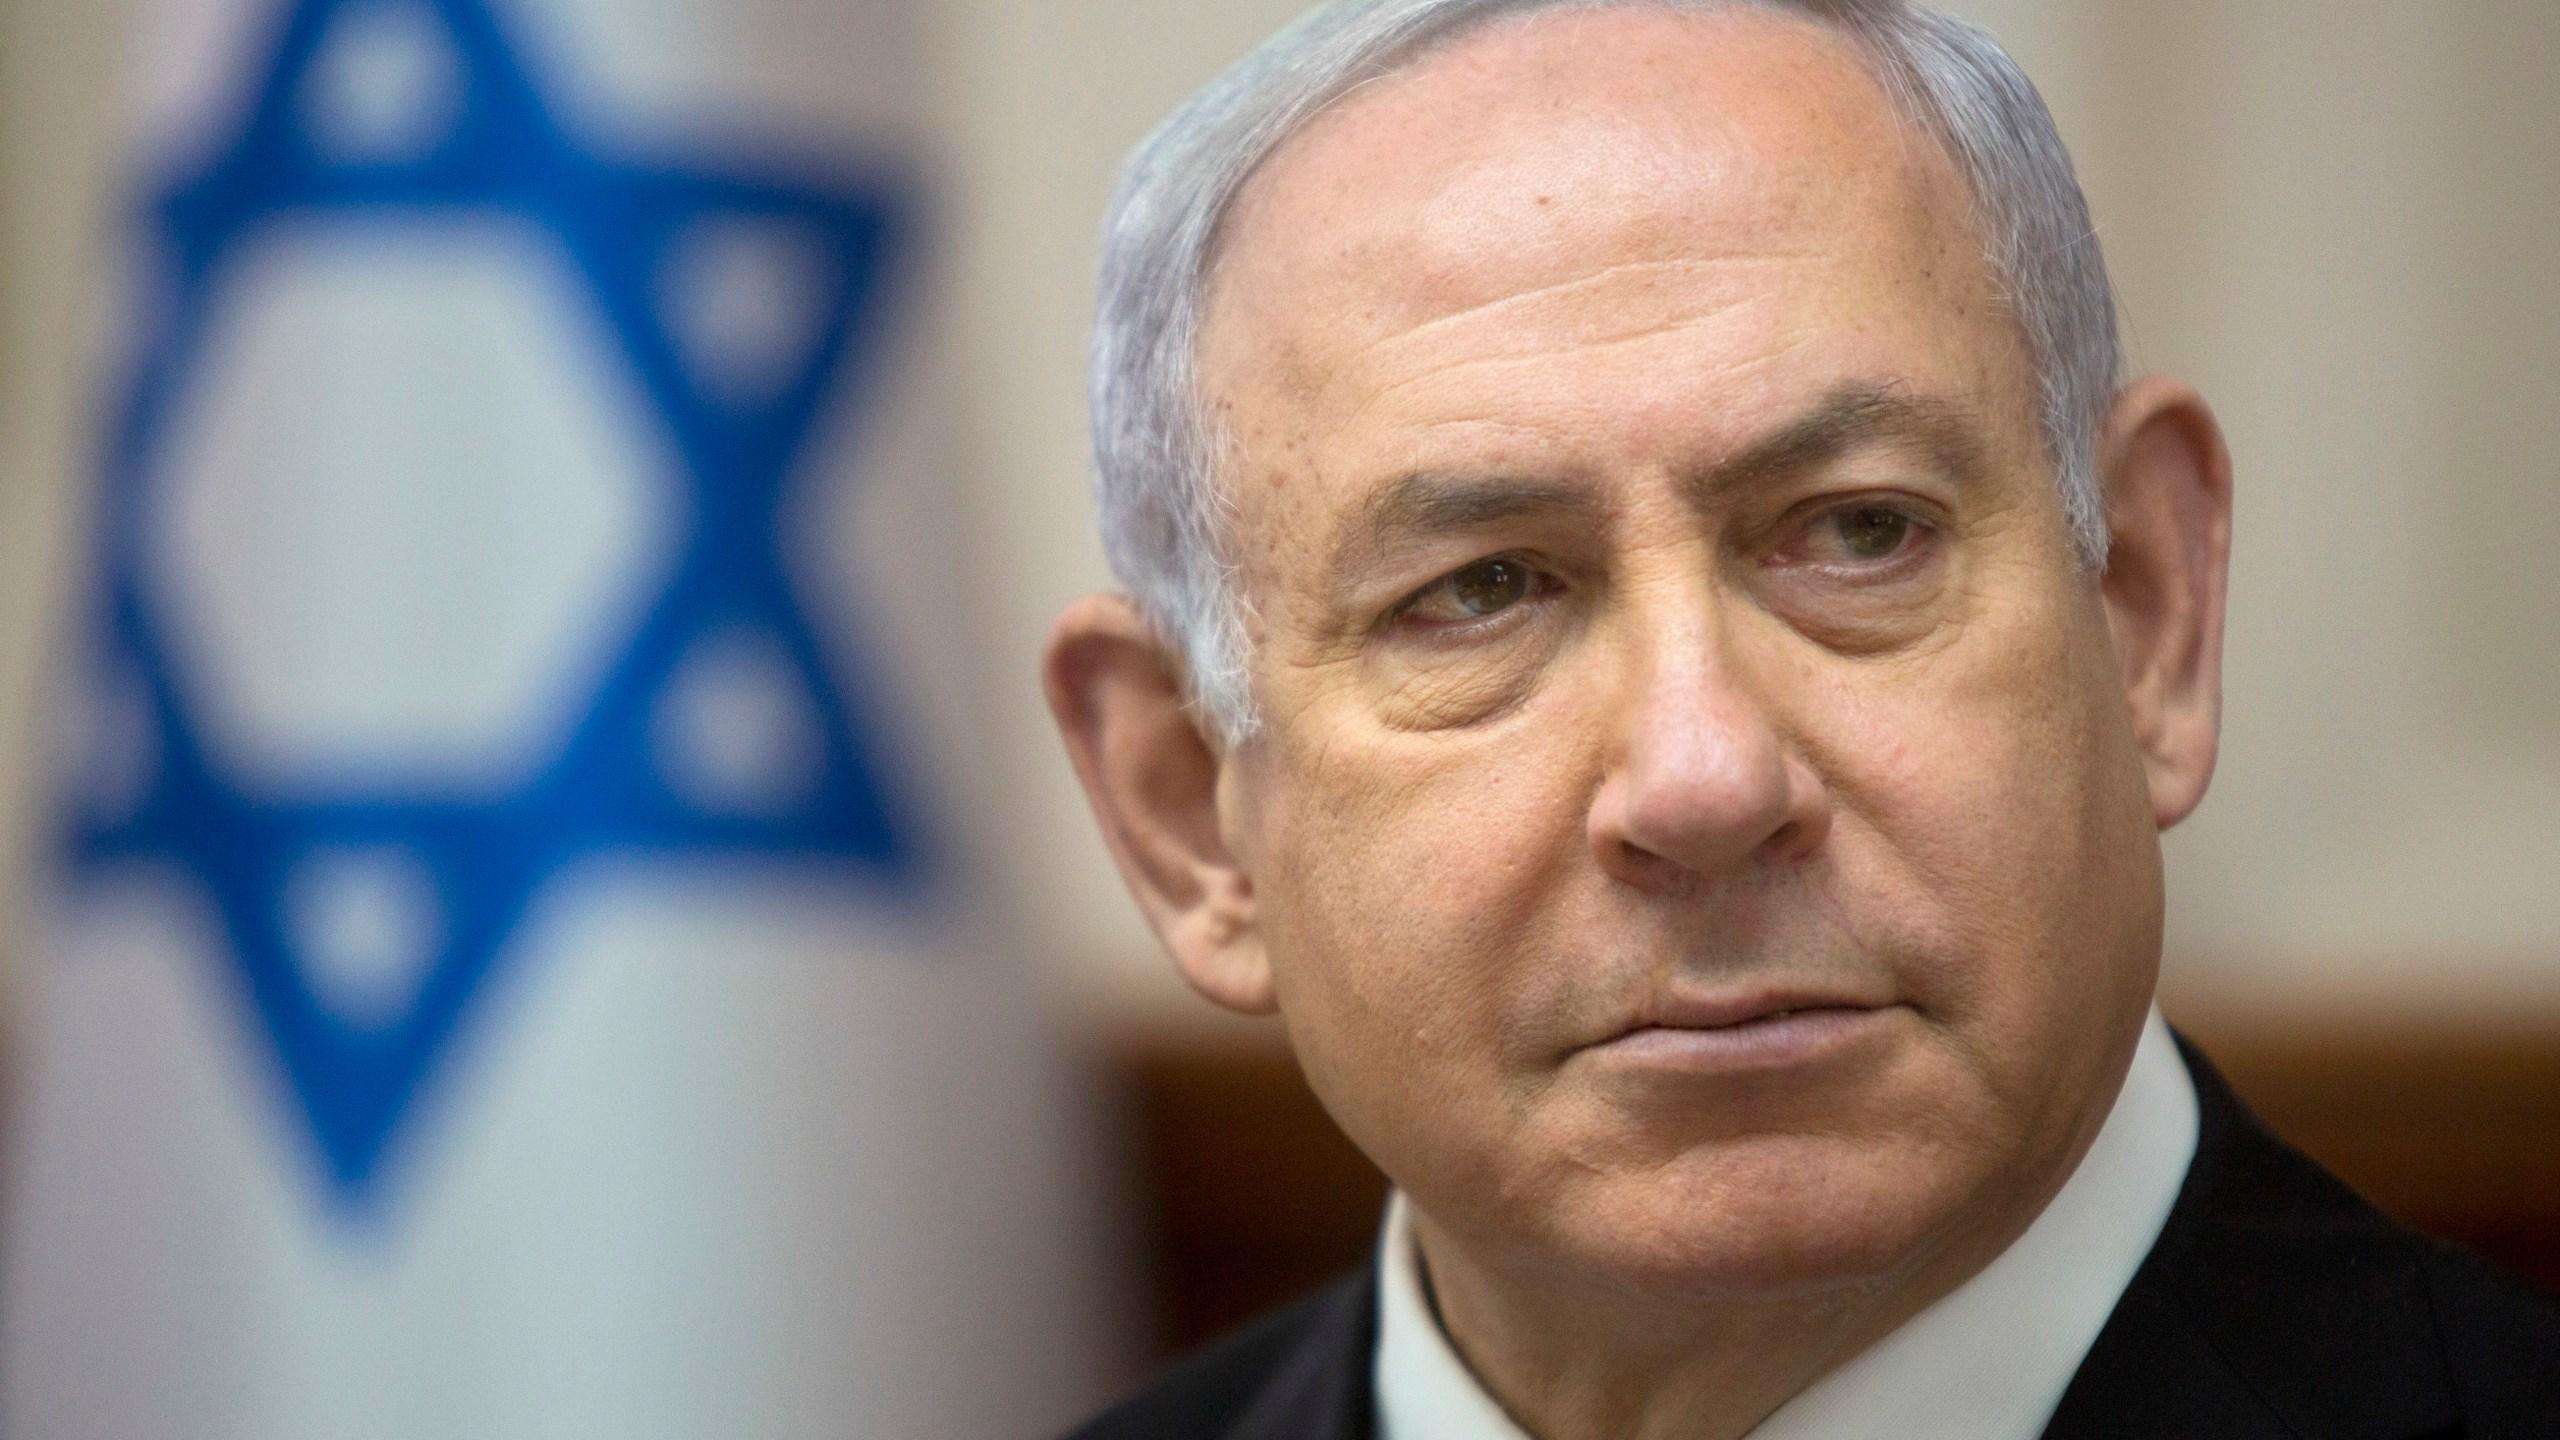 Israel_Emirates_Dinner_Diplomacy_51543-159532.jpg25087577